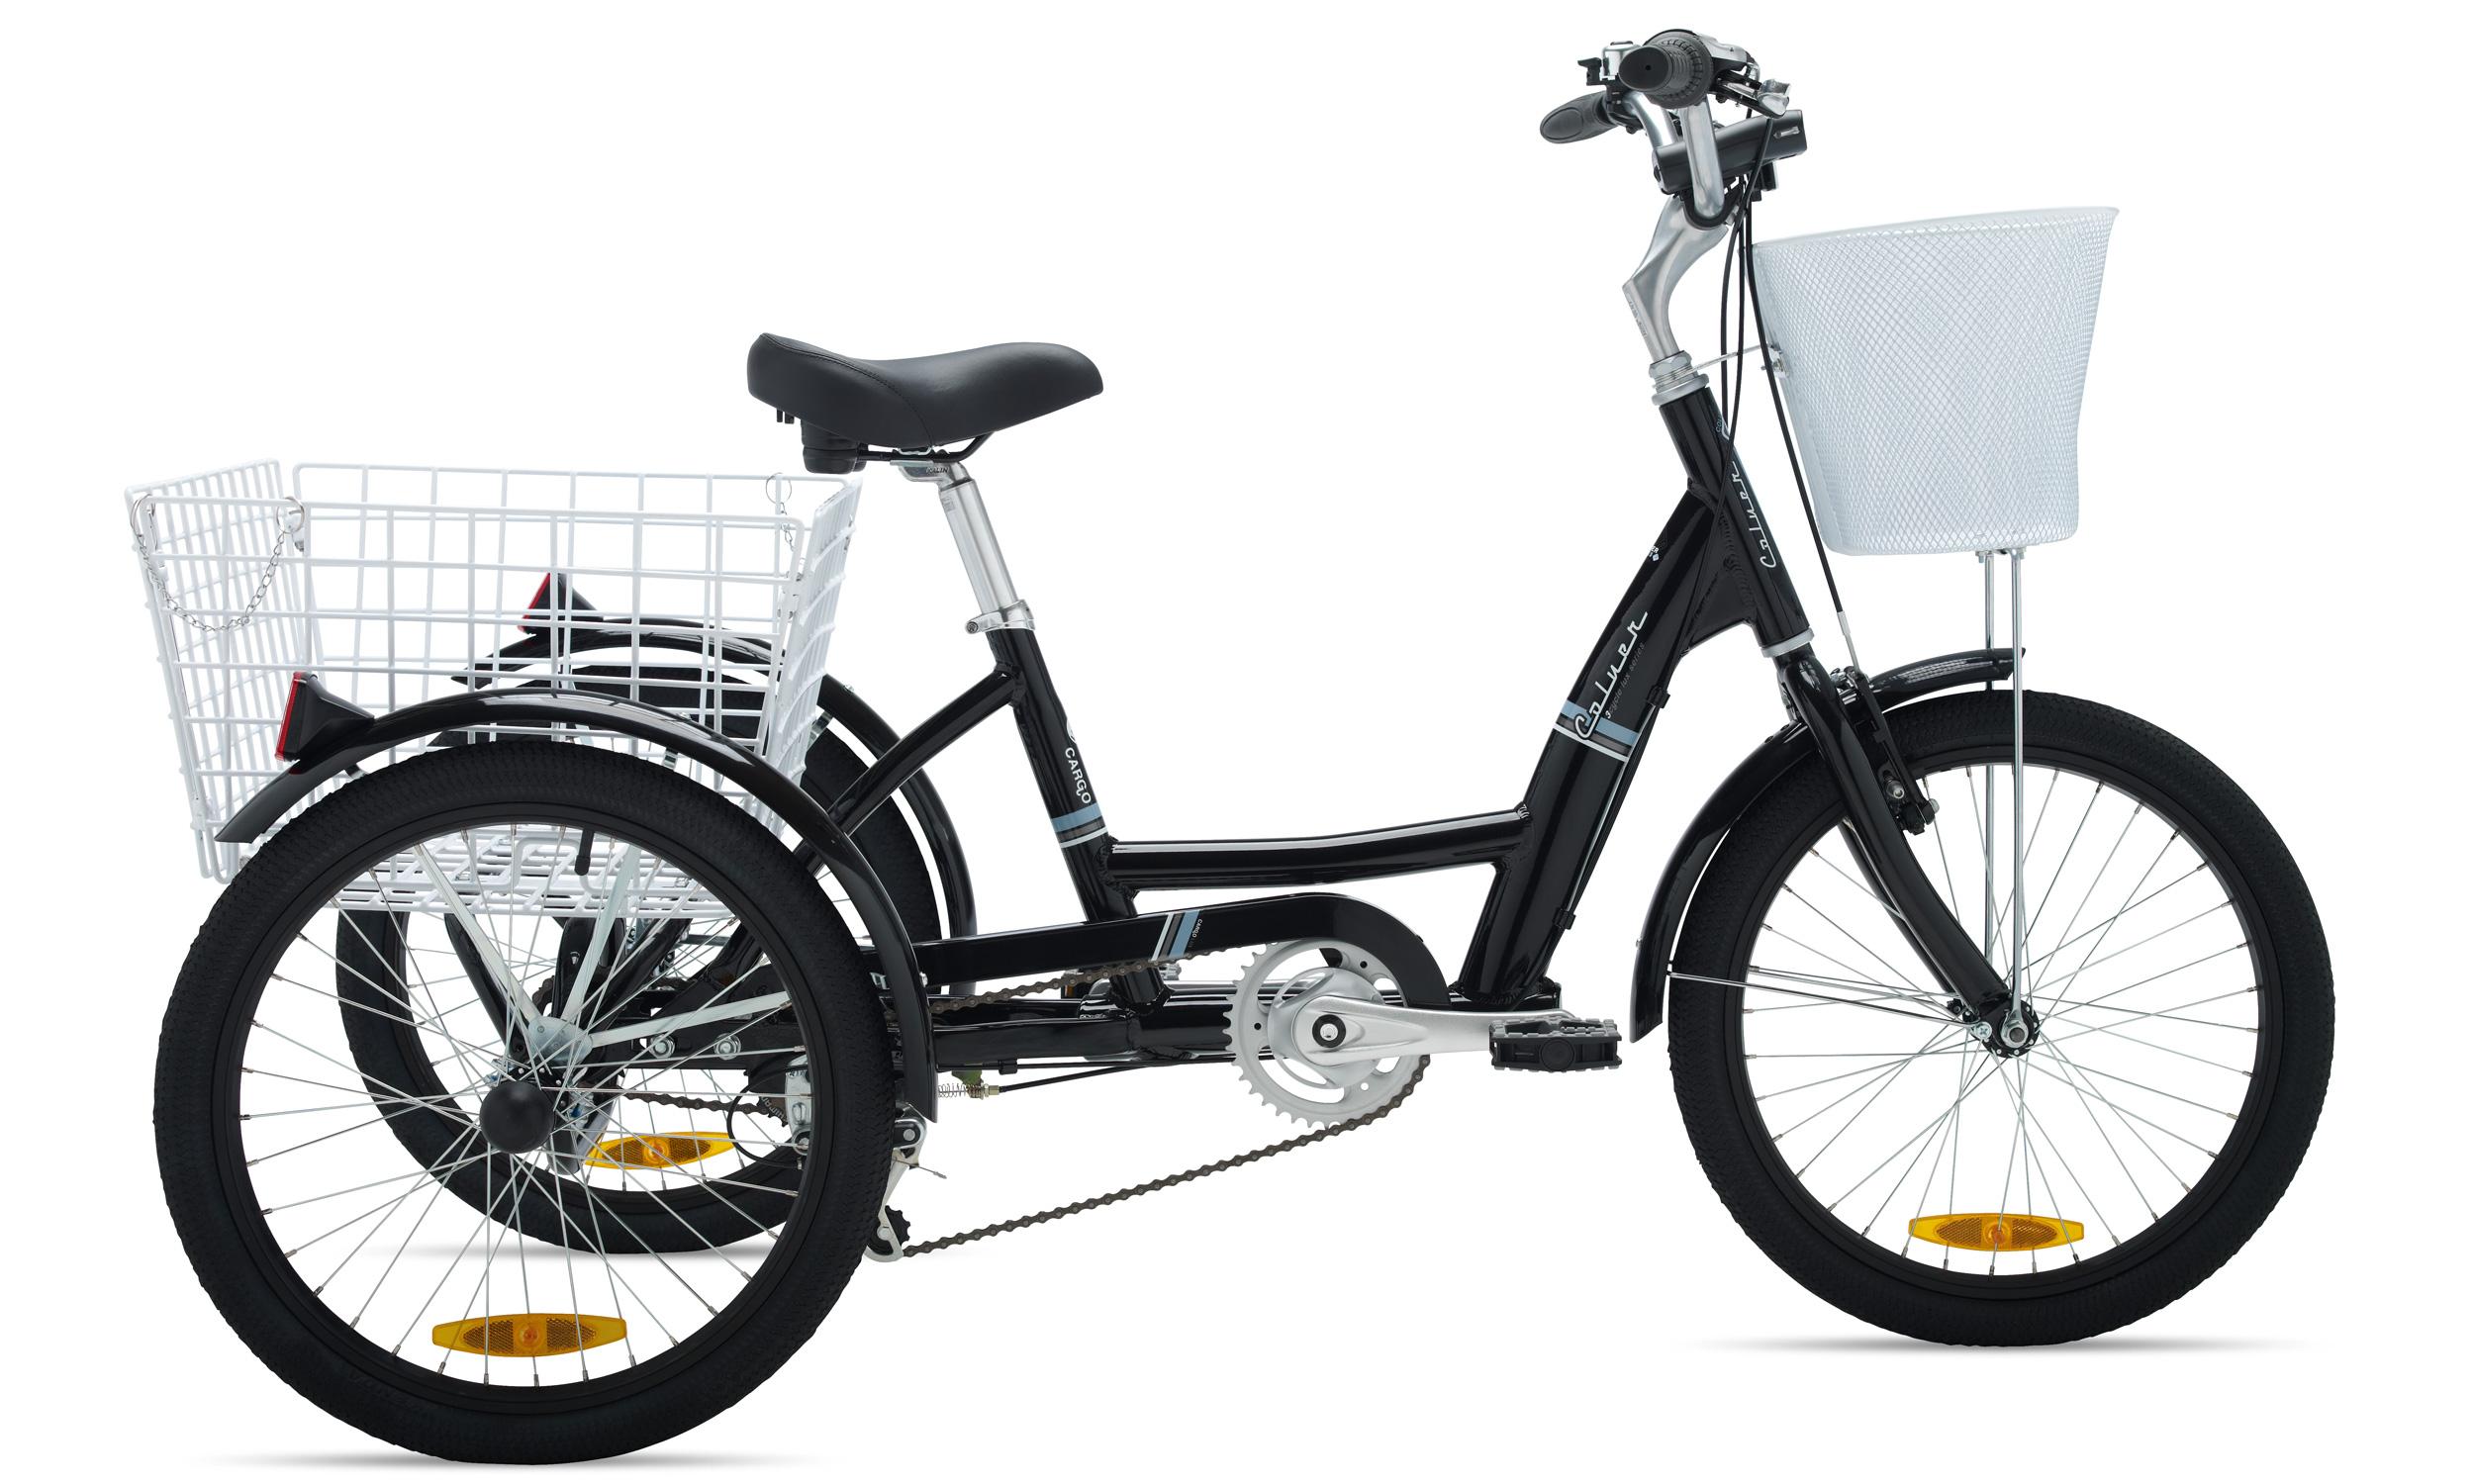 Bici usada de 3 ruedas para adultos